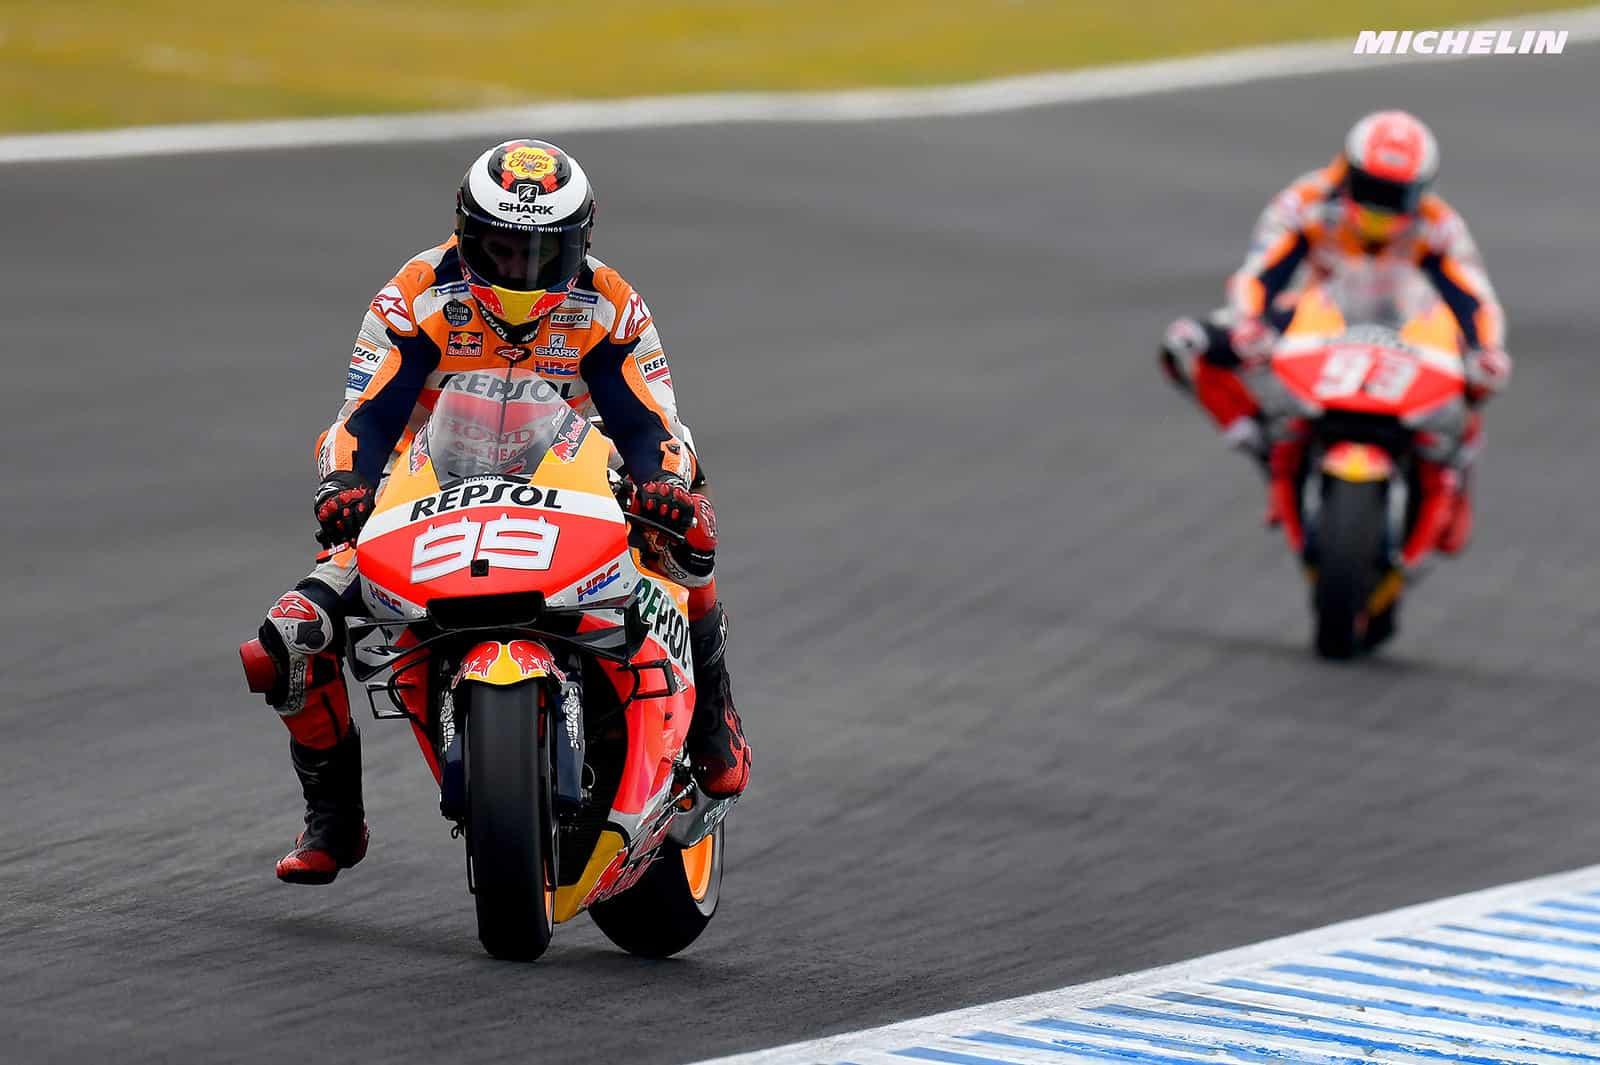 MotoGP2019ヘレスGP 12位ロレンソ「コーナーエントリーのフィーリング改善が必要」